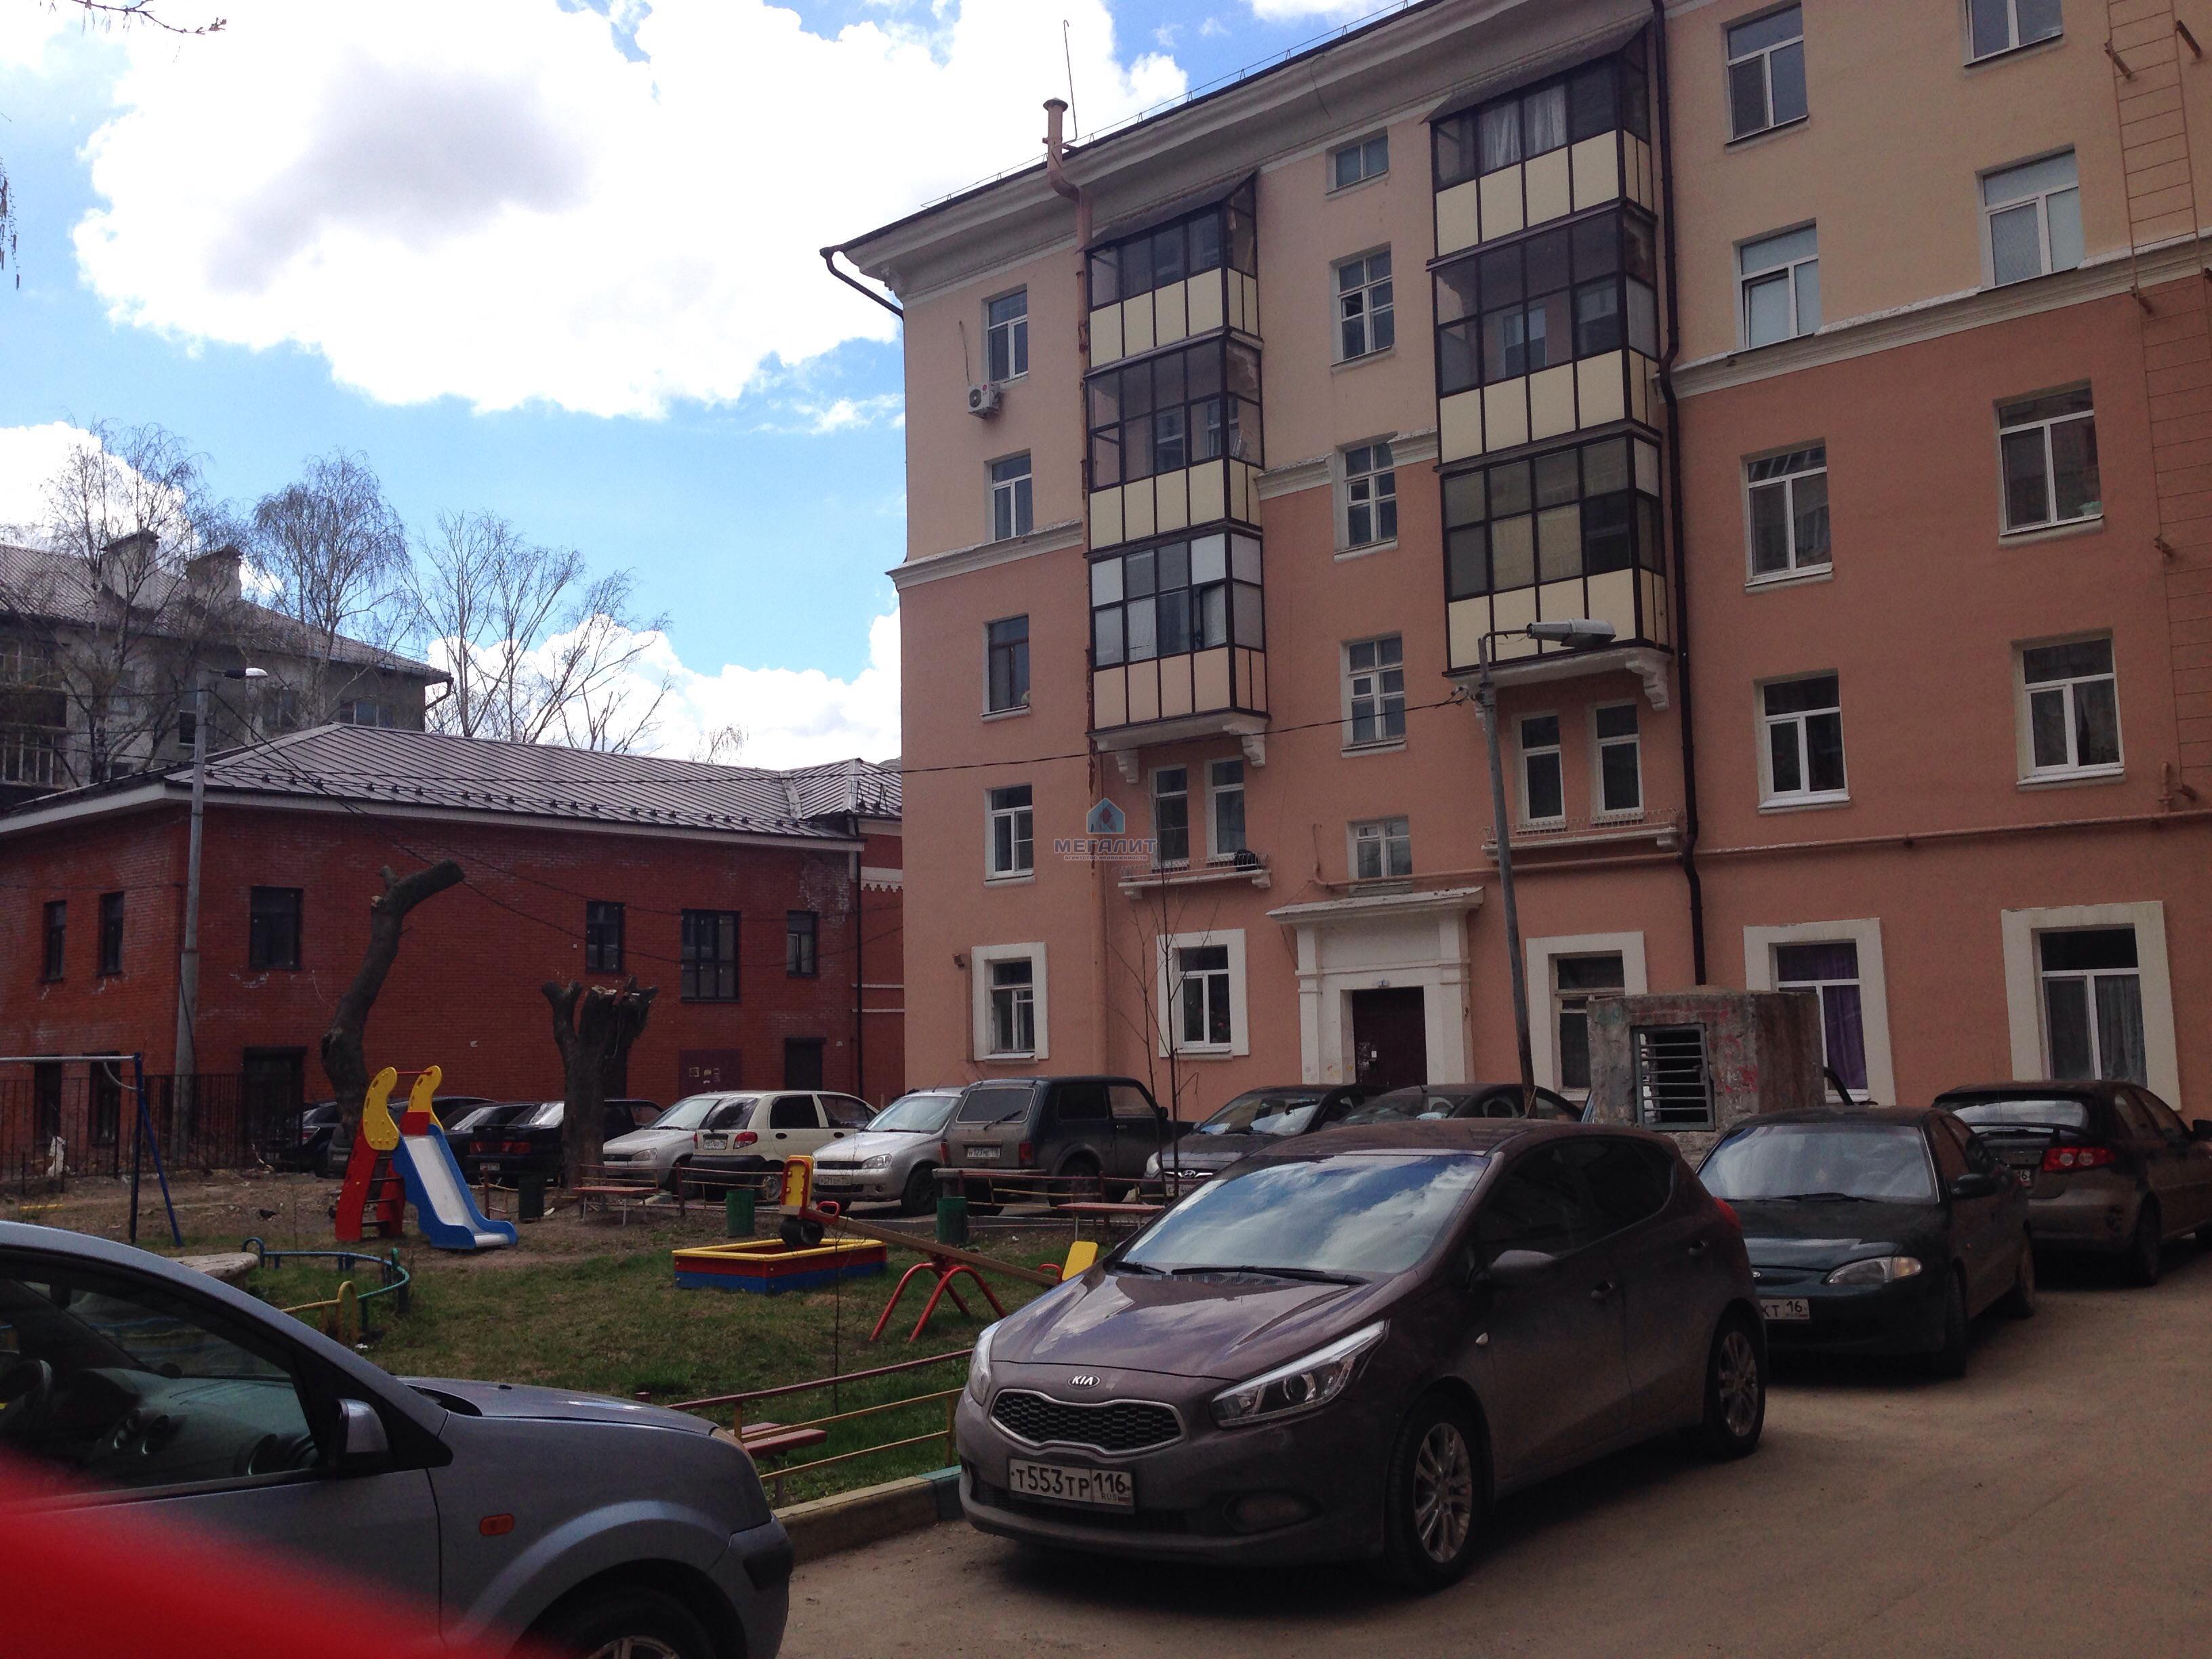 Продажа 2-к квартиры Нурсултана Назарбаева 9/2, 65 м2  (миниатюра №8)